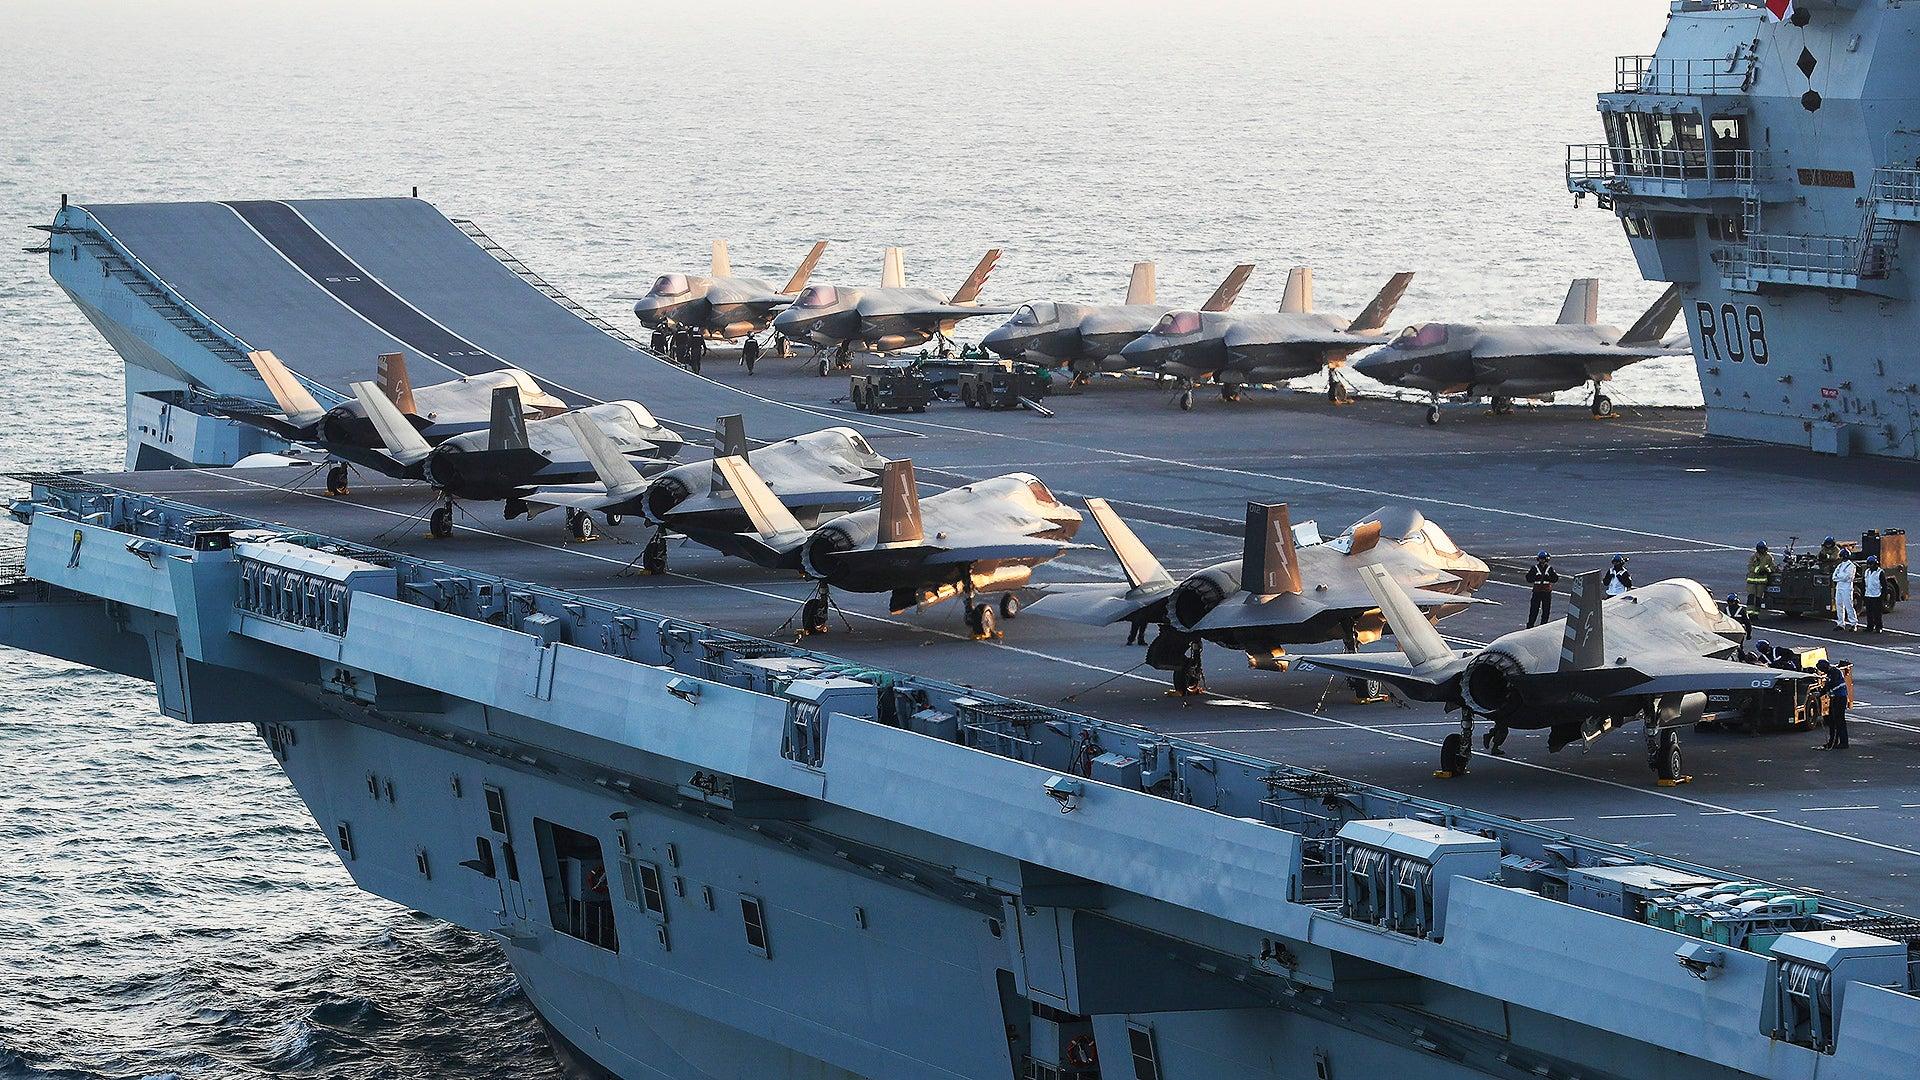 尚未到南海就认怂了?英国铁心南海部署航母,英媒:或被中国攻击